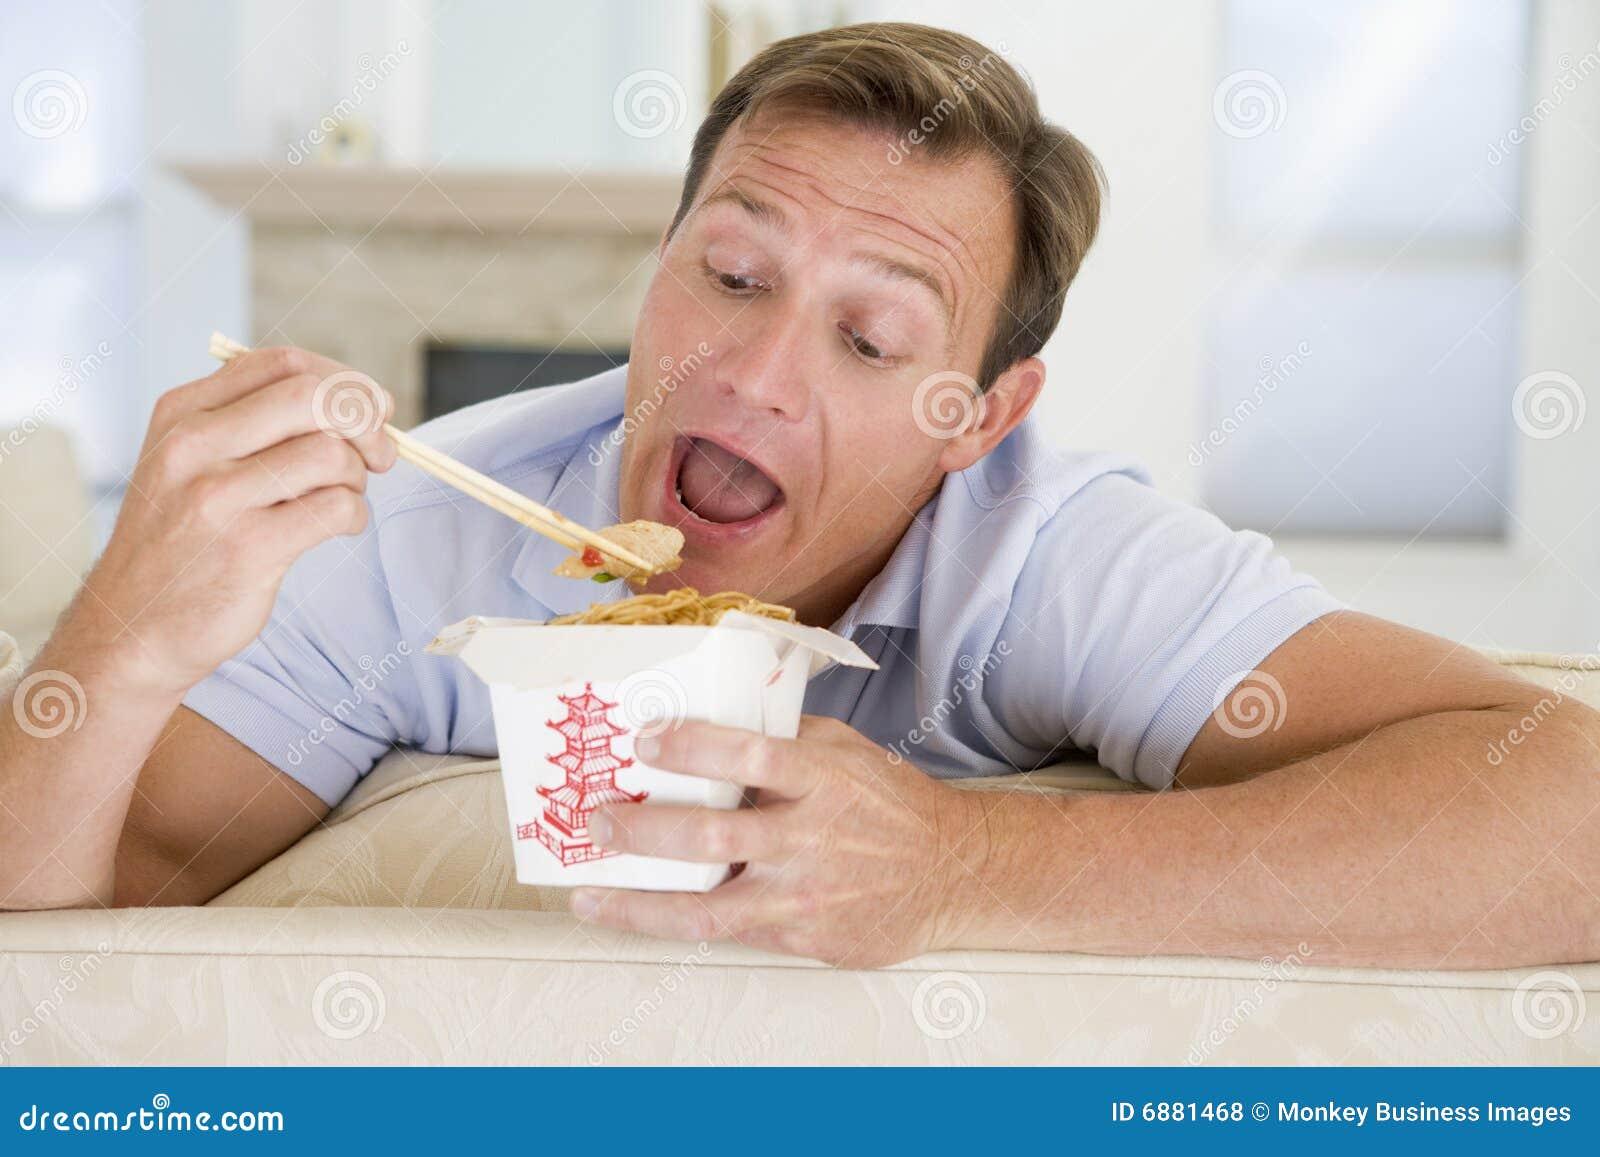 Man Eating Takeaways With Chopsticks